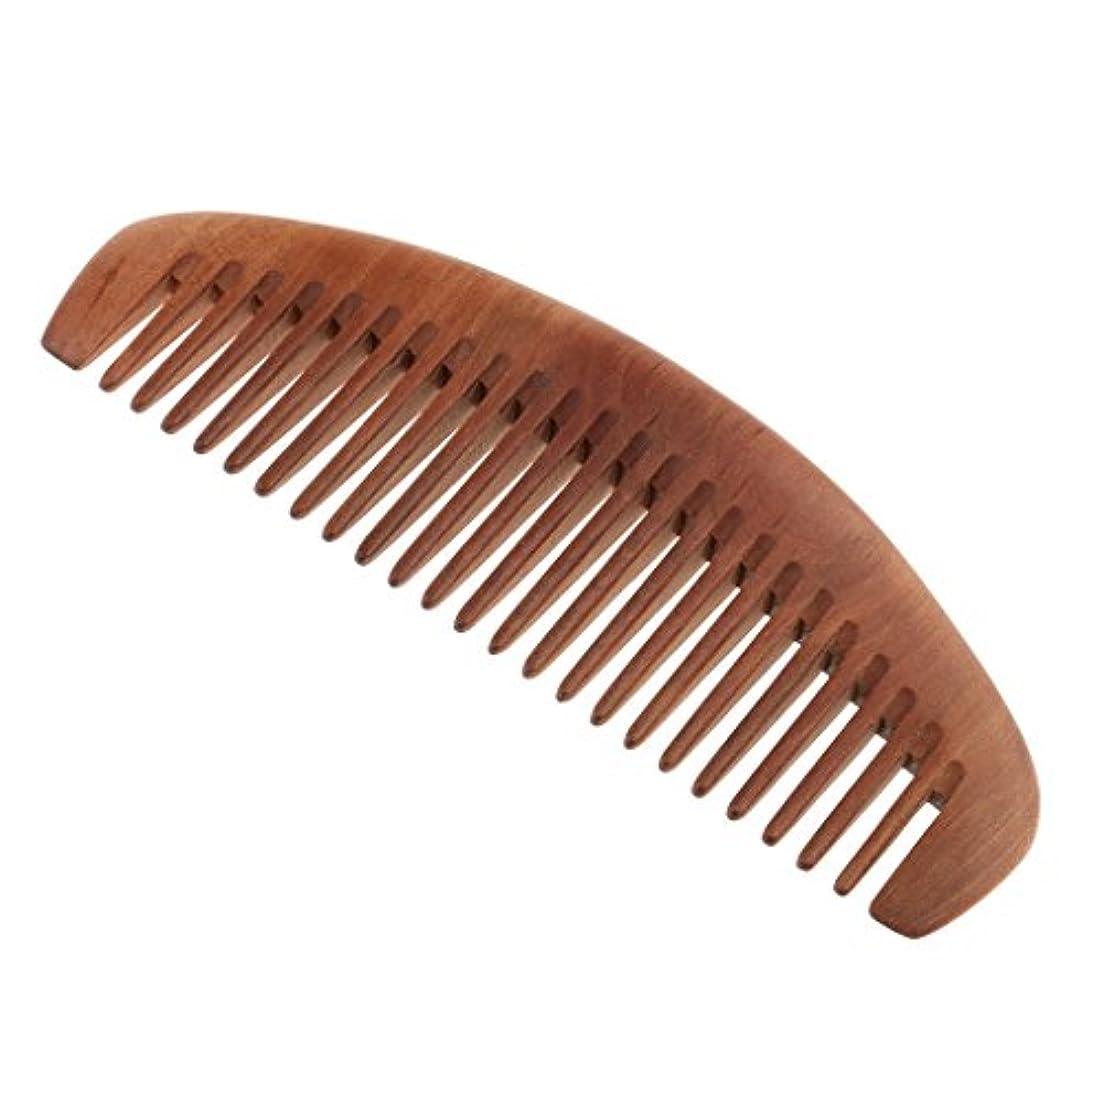 メイエラ一定設計図T TOOYFUL 木製櫛 アンチスタティック 頭皮マッサージ 桃の木 歯 ヘアケア 櫛マッサージ 静電気防止 全2種類 - ワイド歯